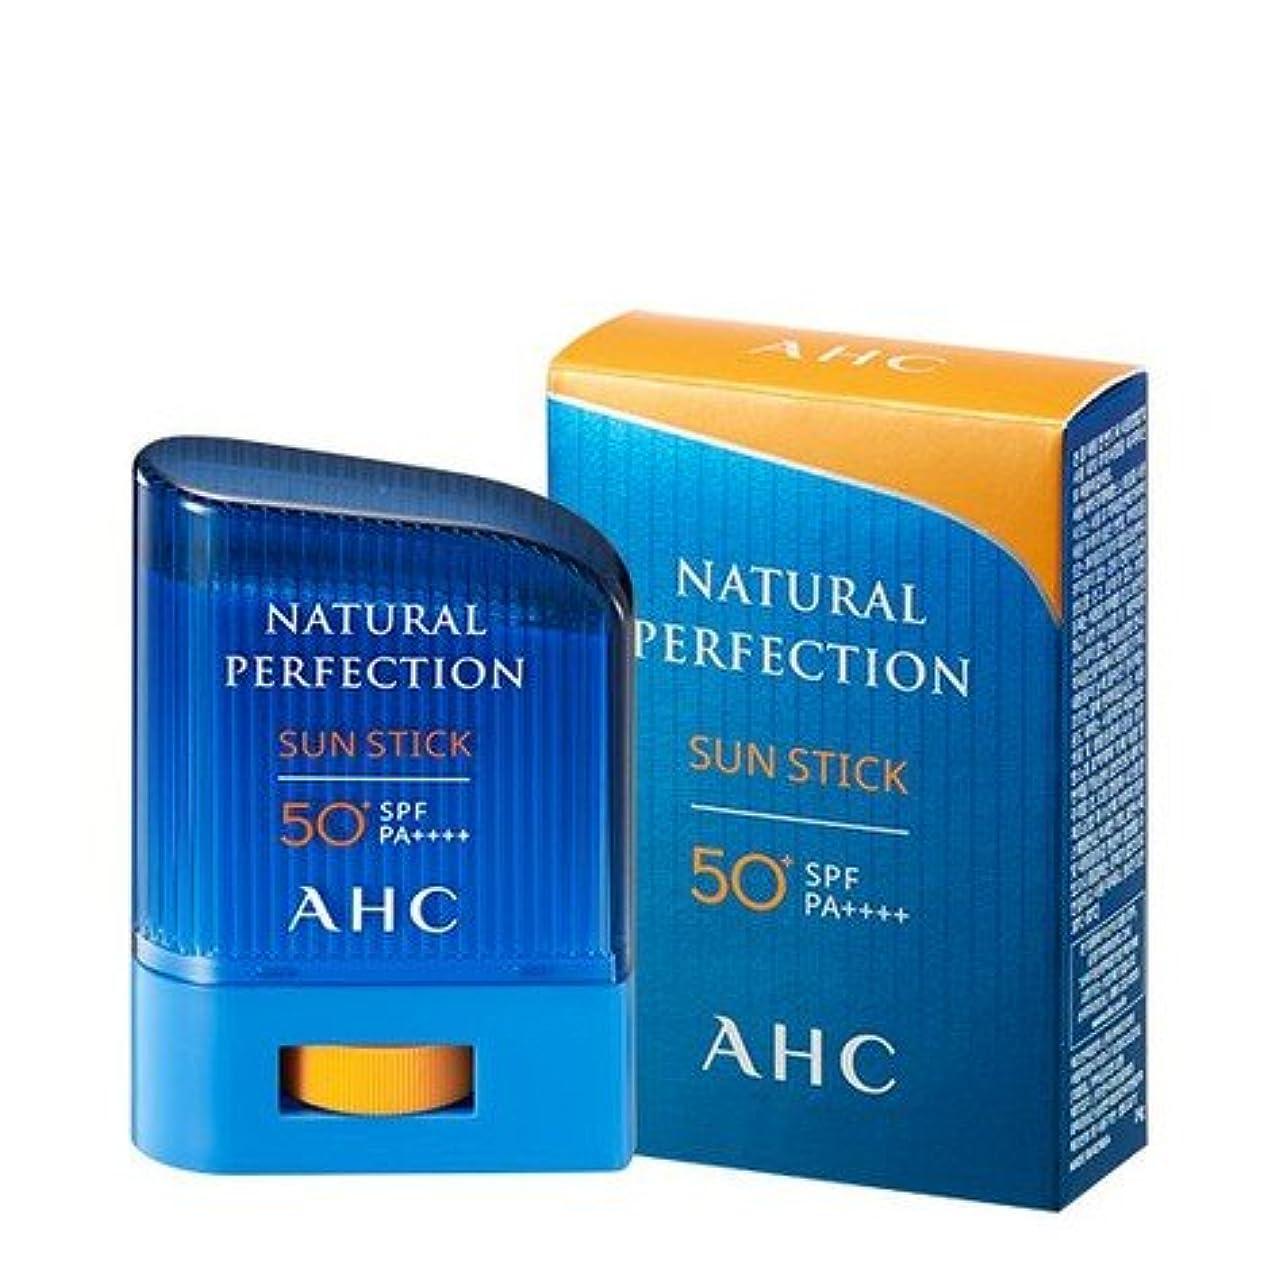 パーティション部分的ティーンエイジャー[Renewal 最新] AHCナチュラルパーフェクション線スティック / AHC NATURAL PERFECTION SUN STICK [SPF 50+ / PA ++++] [並行輸入品] (22g)